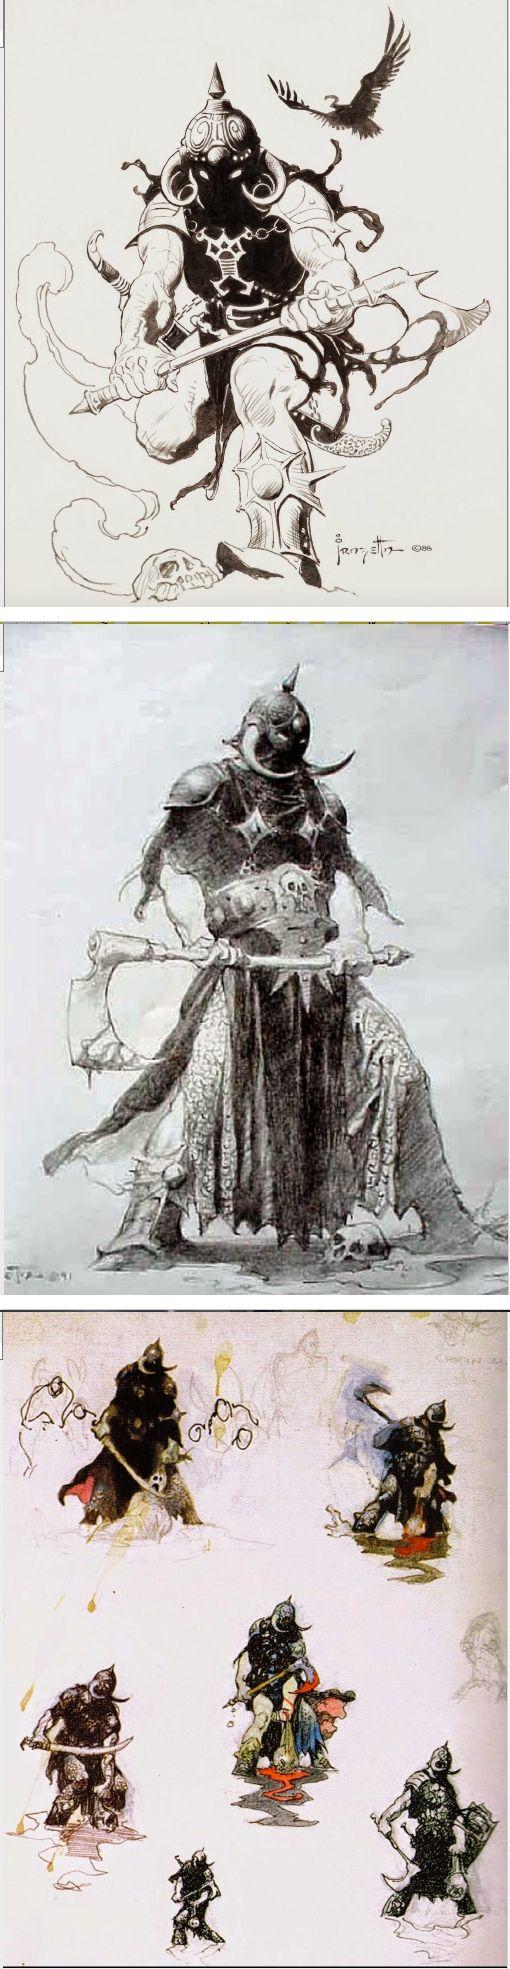 FRANK FRAZETTA - Death Dealer - 3 Sketches - prints by capnscomics.blogspot.com